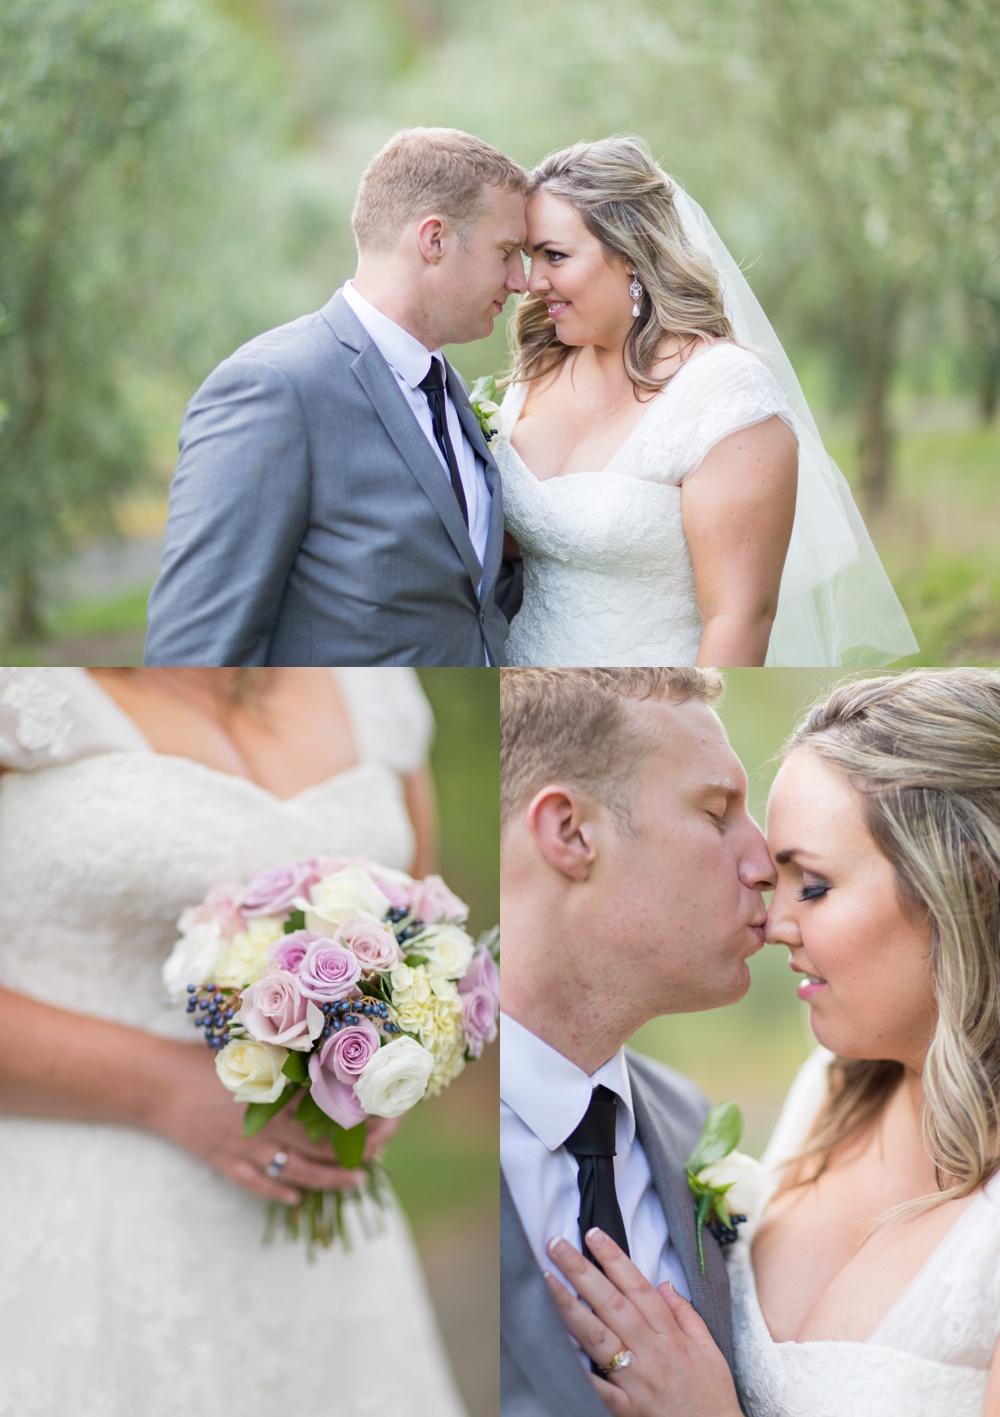 Bracu_Wedding_49.jpg